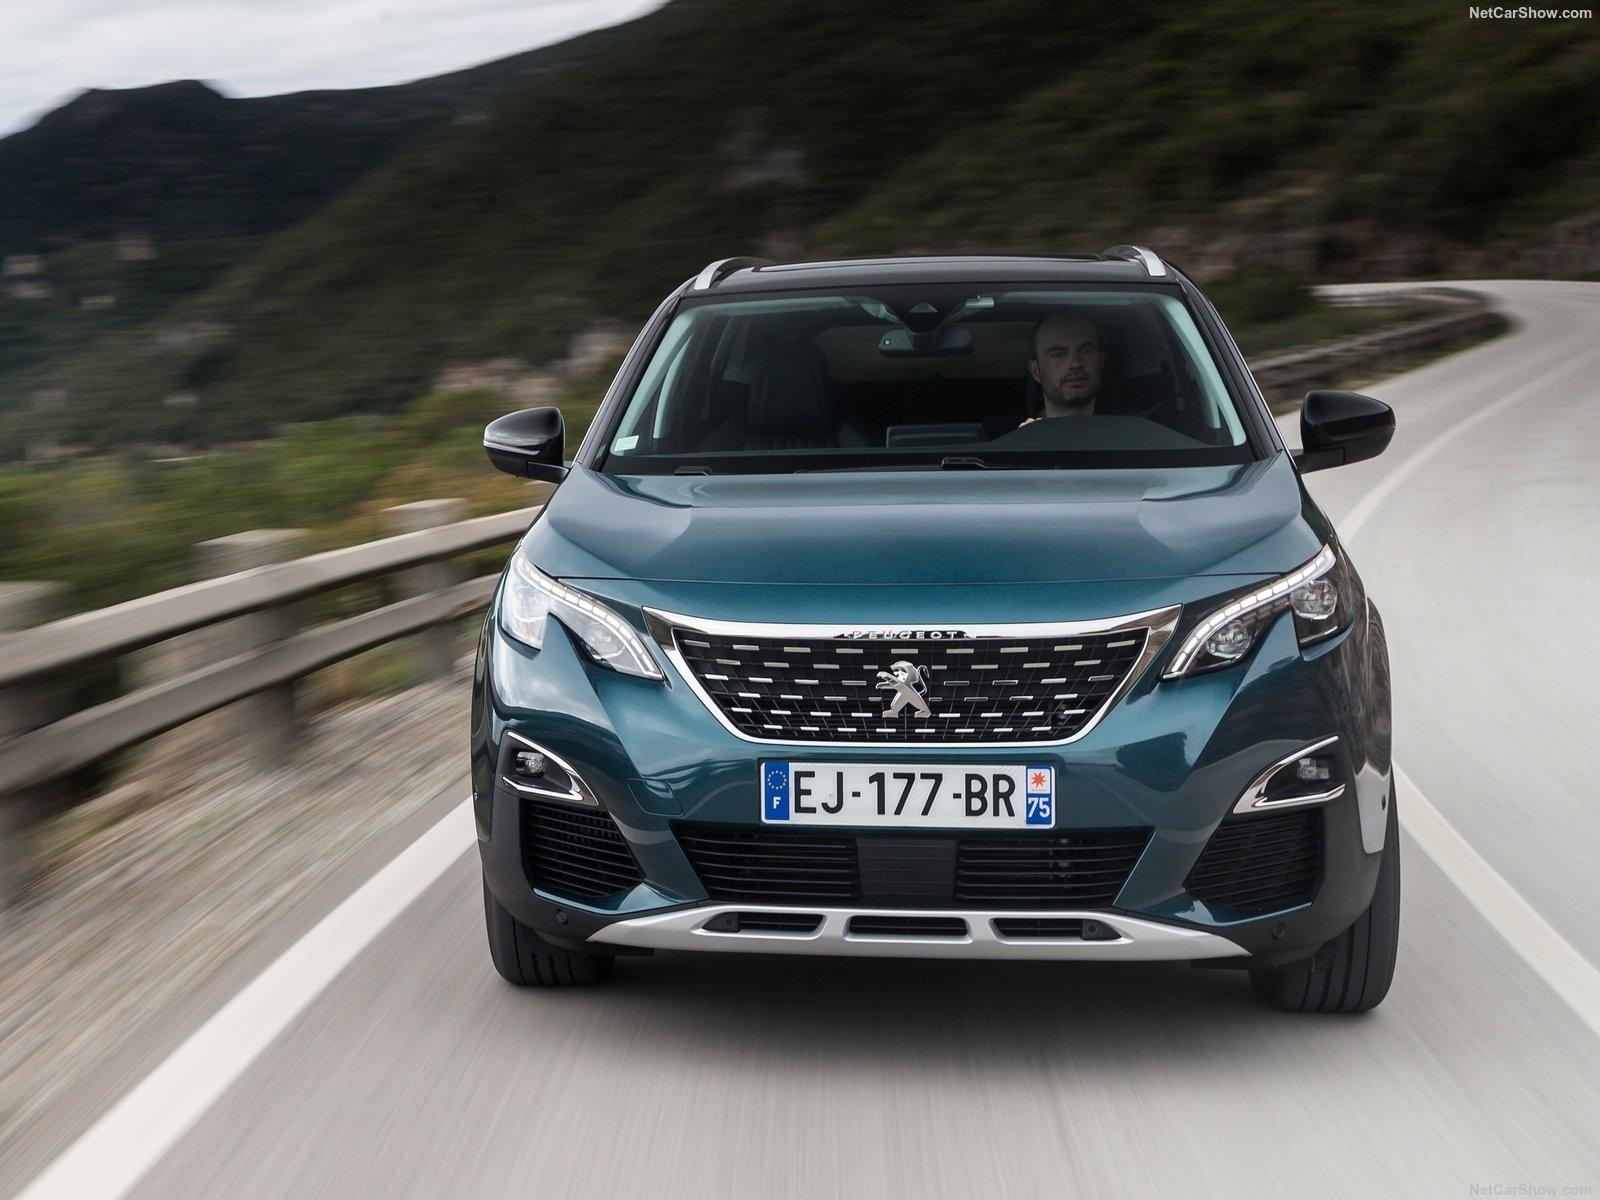 Peugeot 5008 опубликовала на официальном сайте цены на кроссовер 2018-2019 года